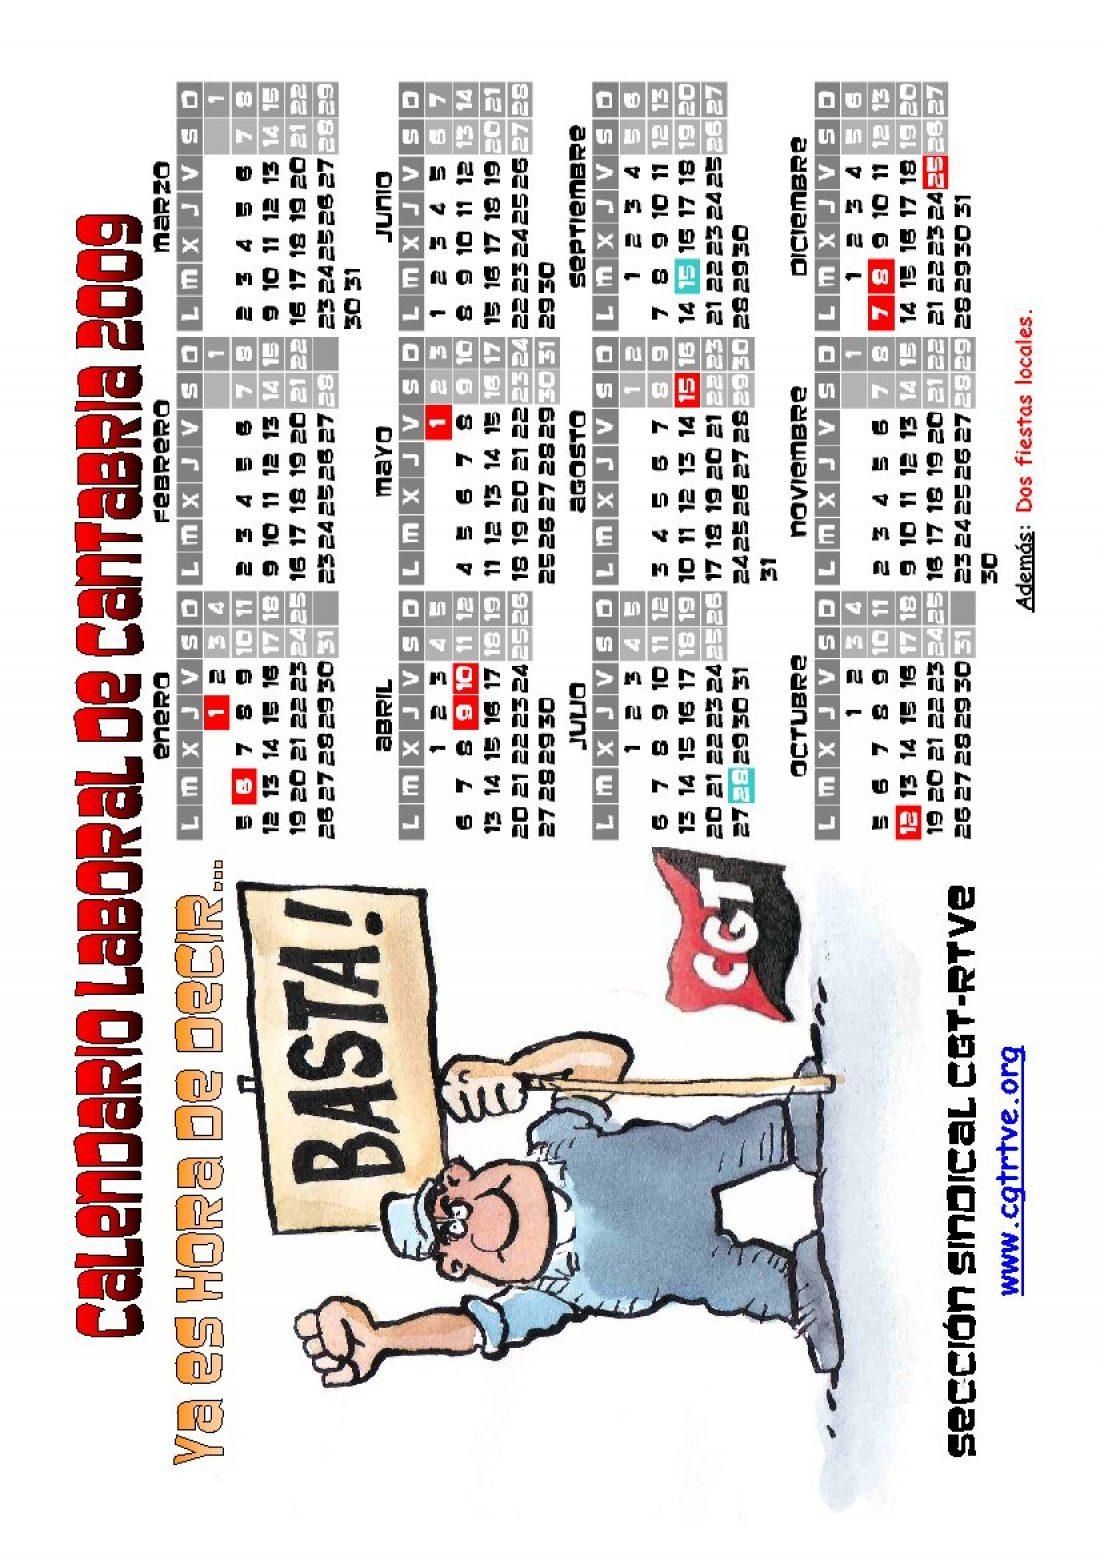 PDF cegetero del Calendario Laboral 2009 de Cantabria